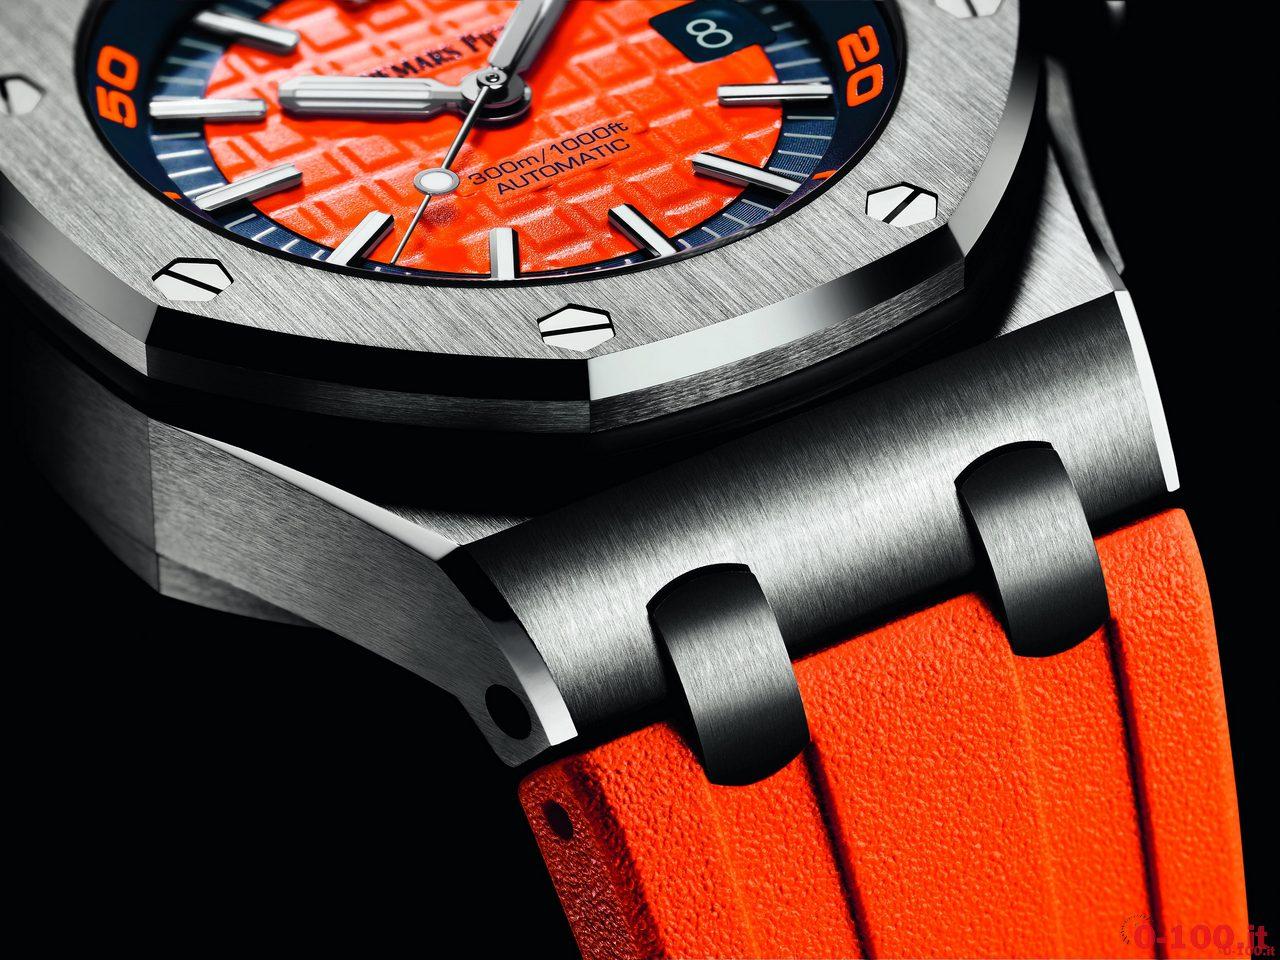 sihh_2017_audemars-piguet-royal-oak-offshore-diver-prezzi-price_0-1004